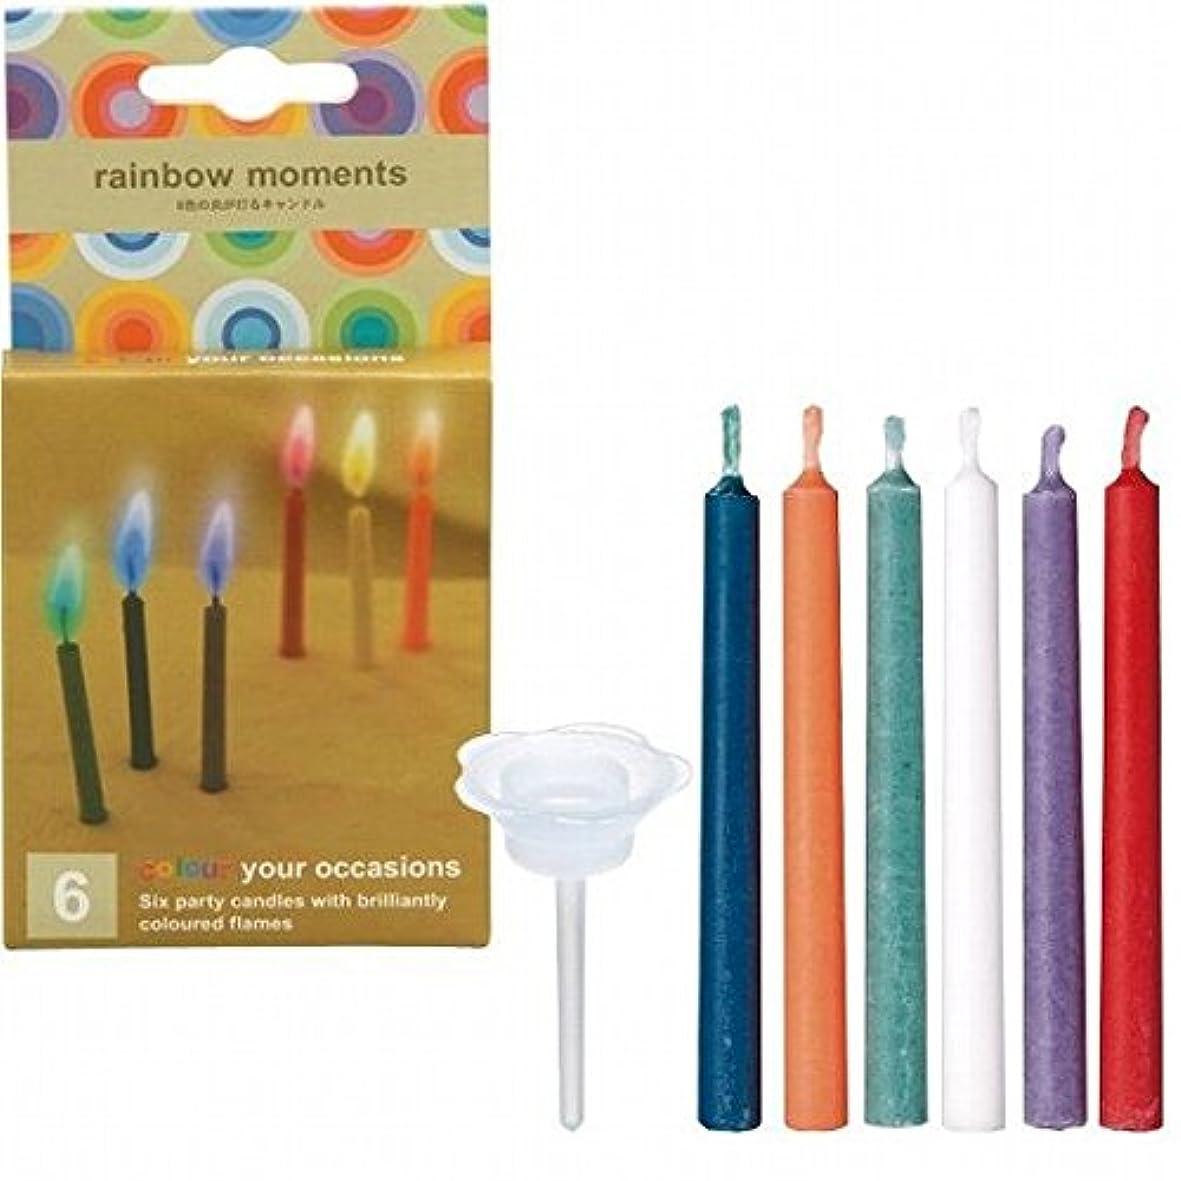 物理学者飼いならす操作可能kameyama candle(カメヤマキャンドル) rainbowmoments(レインボーモーメント)6色6本入り 「 6本入り 」 キャンドル(56050000)